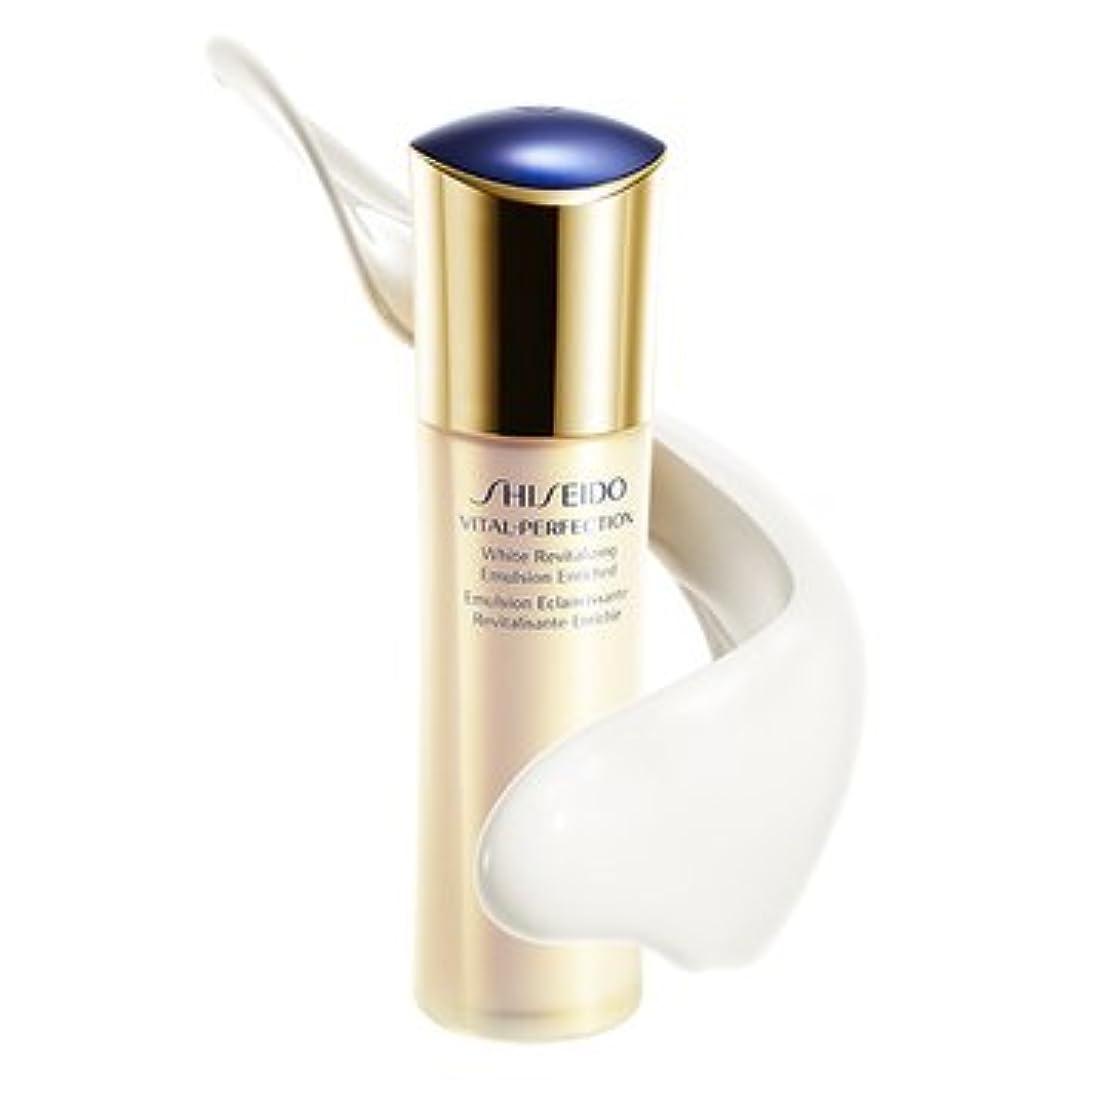 ウェブアフリカこっそり資生堂/shiseido バイタルパーフェクション/VITAL-PERFECTION ホワイトRV エマルジョン(医薬部外品)美白乳液